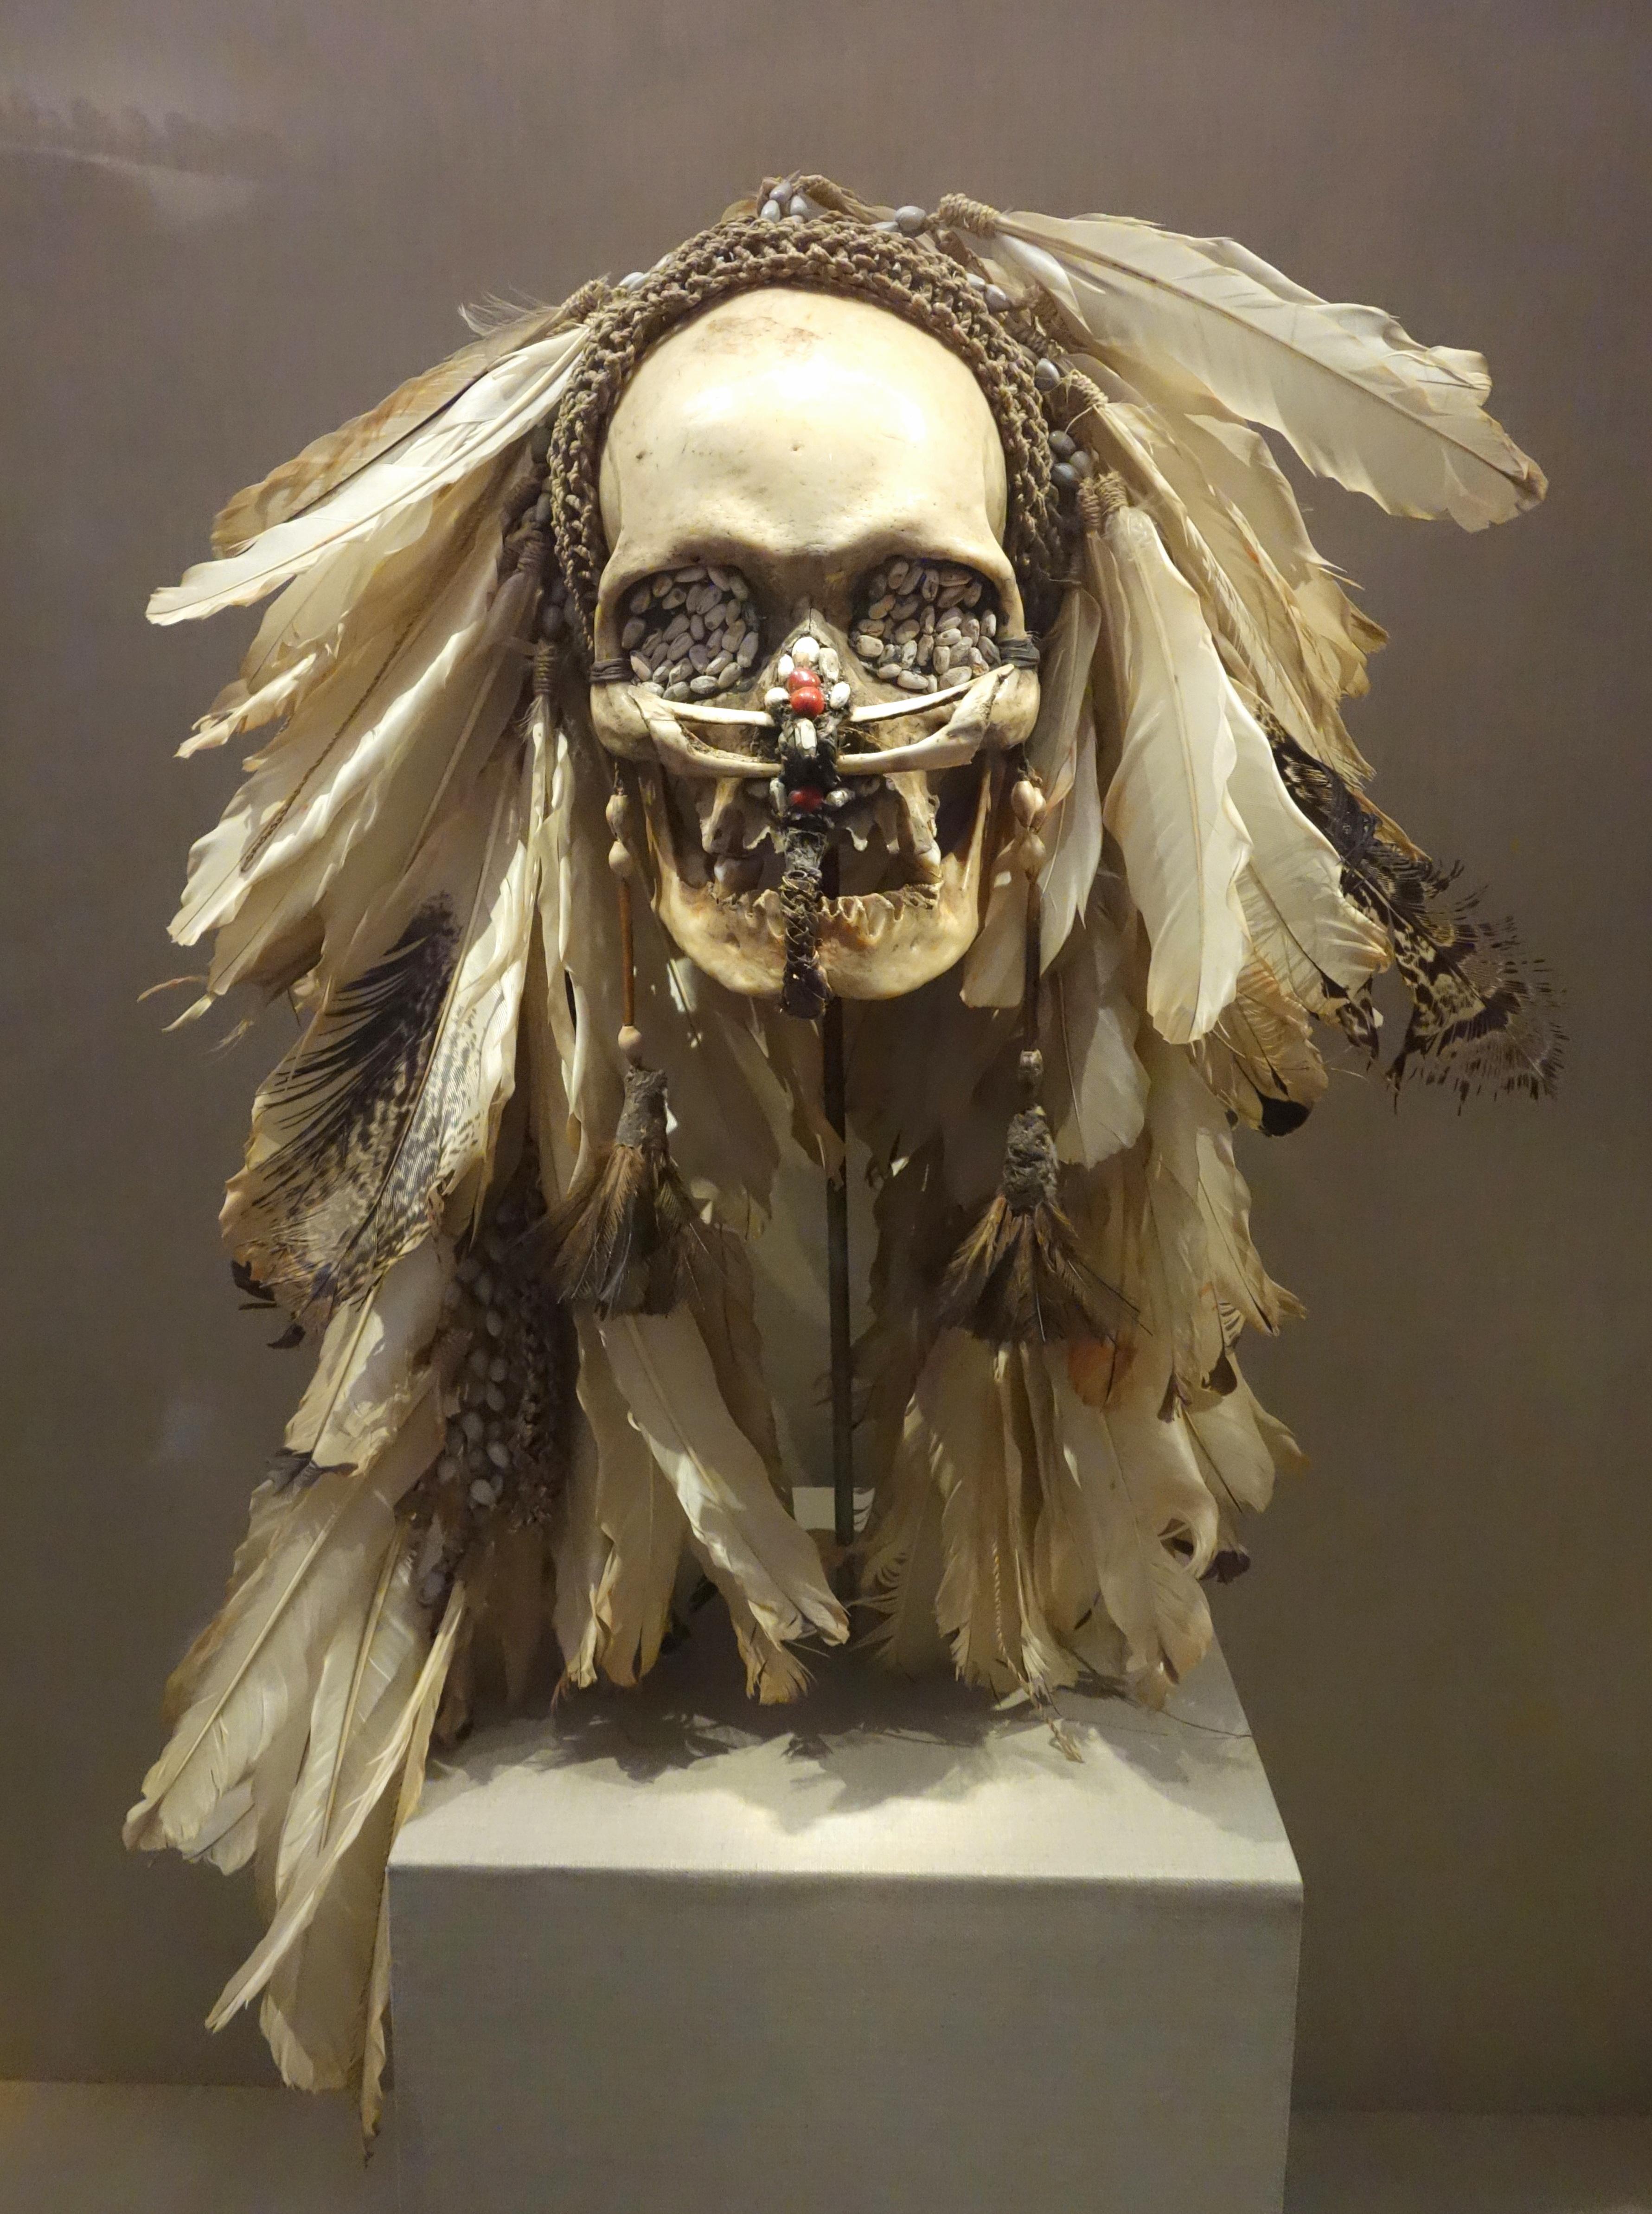 Anciens chasseurs de têtes, les Asmats coupaient certes celles de leurs ennemis, mais ils conservaient aussi soigneusement les crânes de leurs ancêtres à qui ils rendaient hommage en les ornant de riches parures. La tête de Michael Rockefeller a-t-elle fini sous la forme d'un trophée de ce type ?